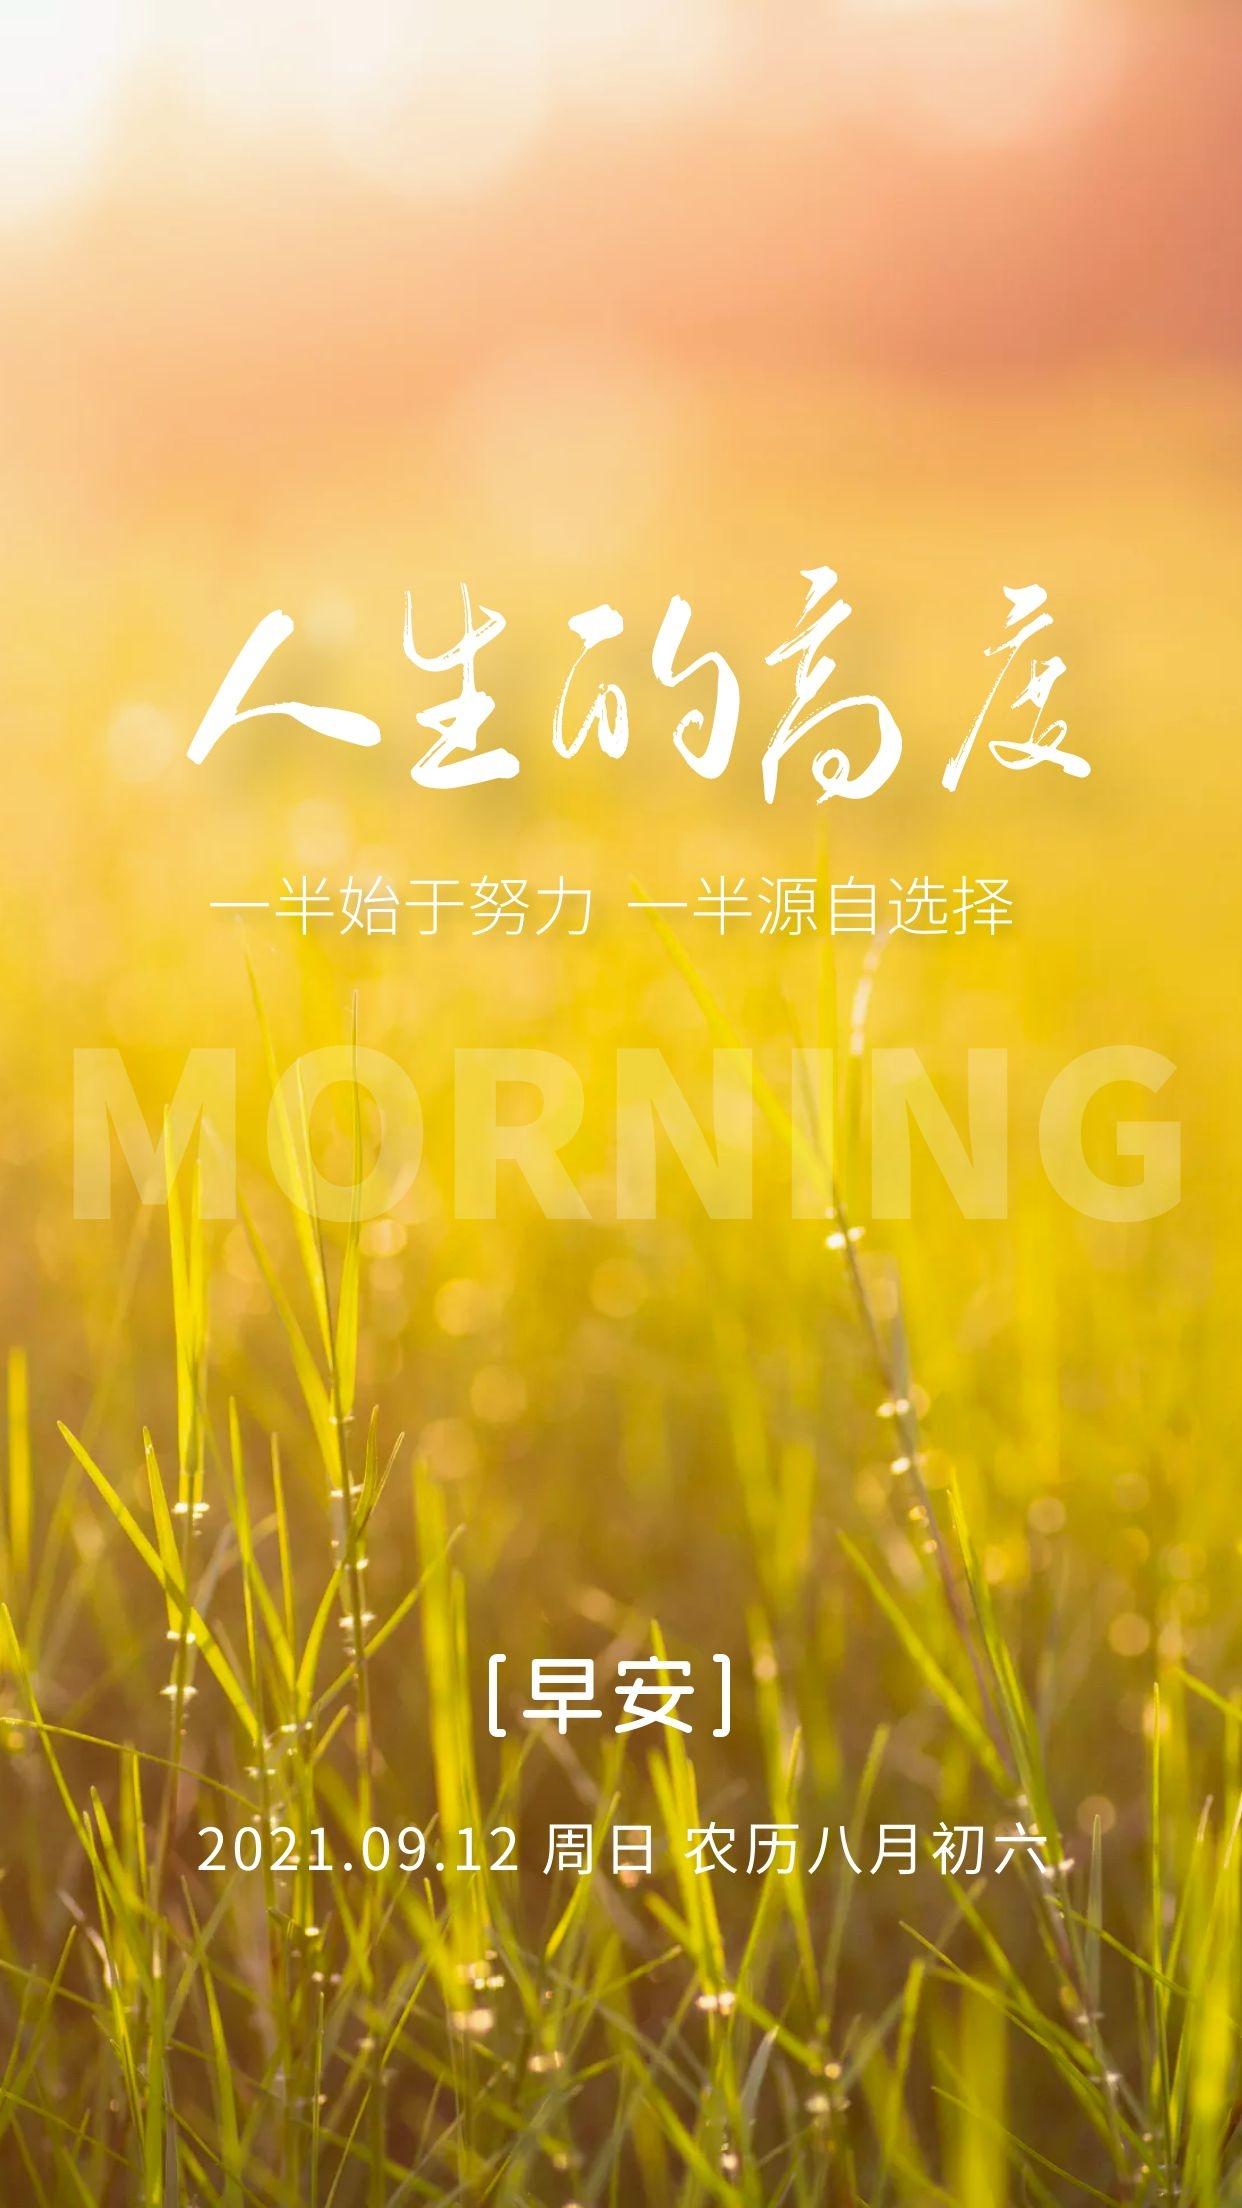 阳光温暖的早安图片说说,每一缕阳光,都是生活的芬芳